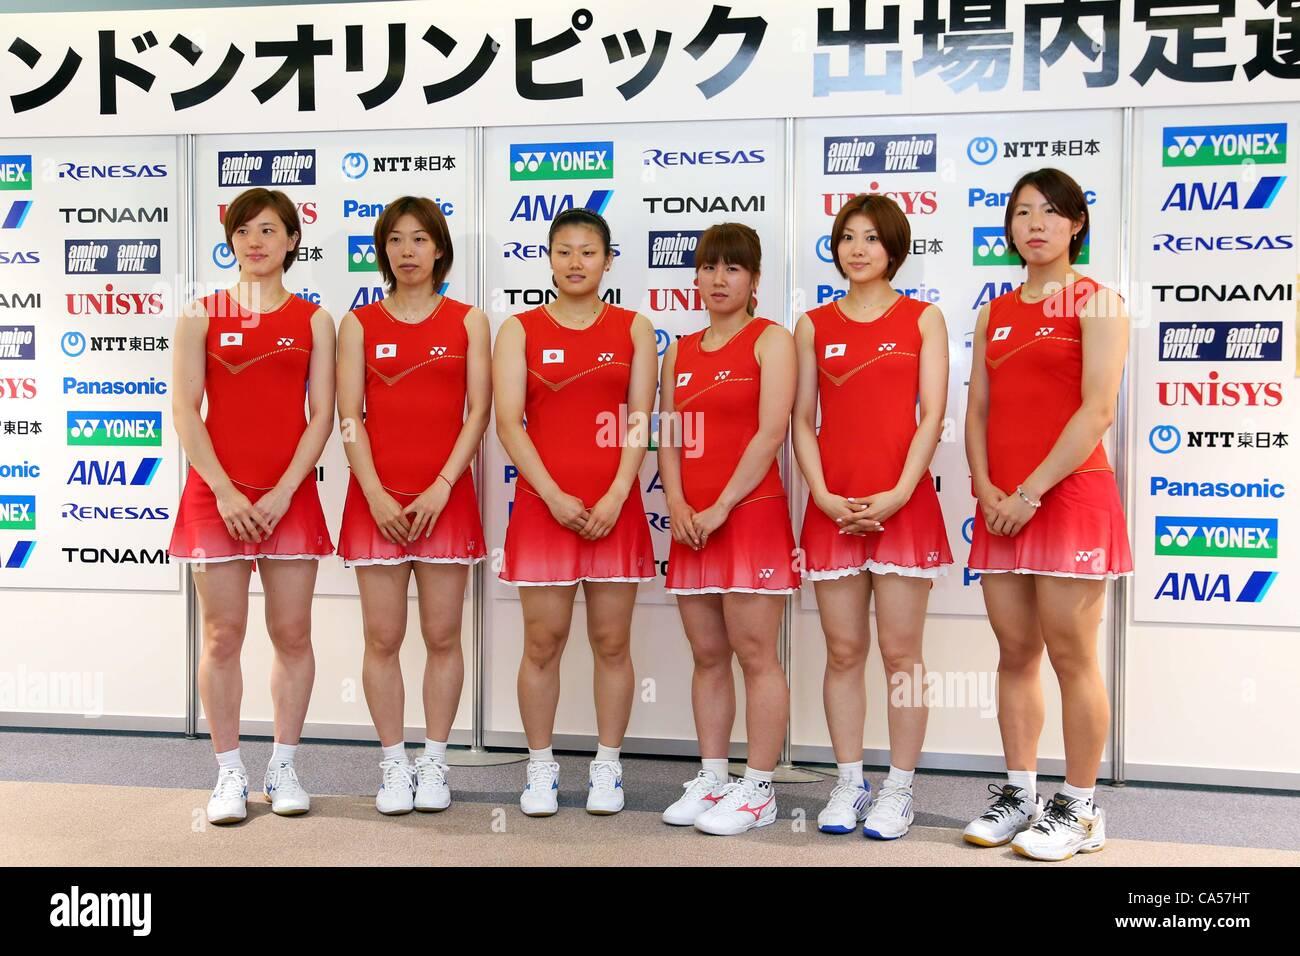 L to R Miyuki Maeda Satoko Suetsuna Reika Kakiiwa Mizuki Fujii